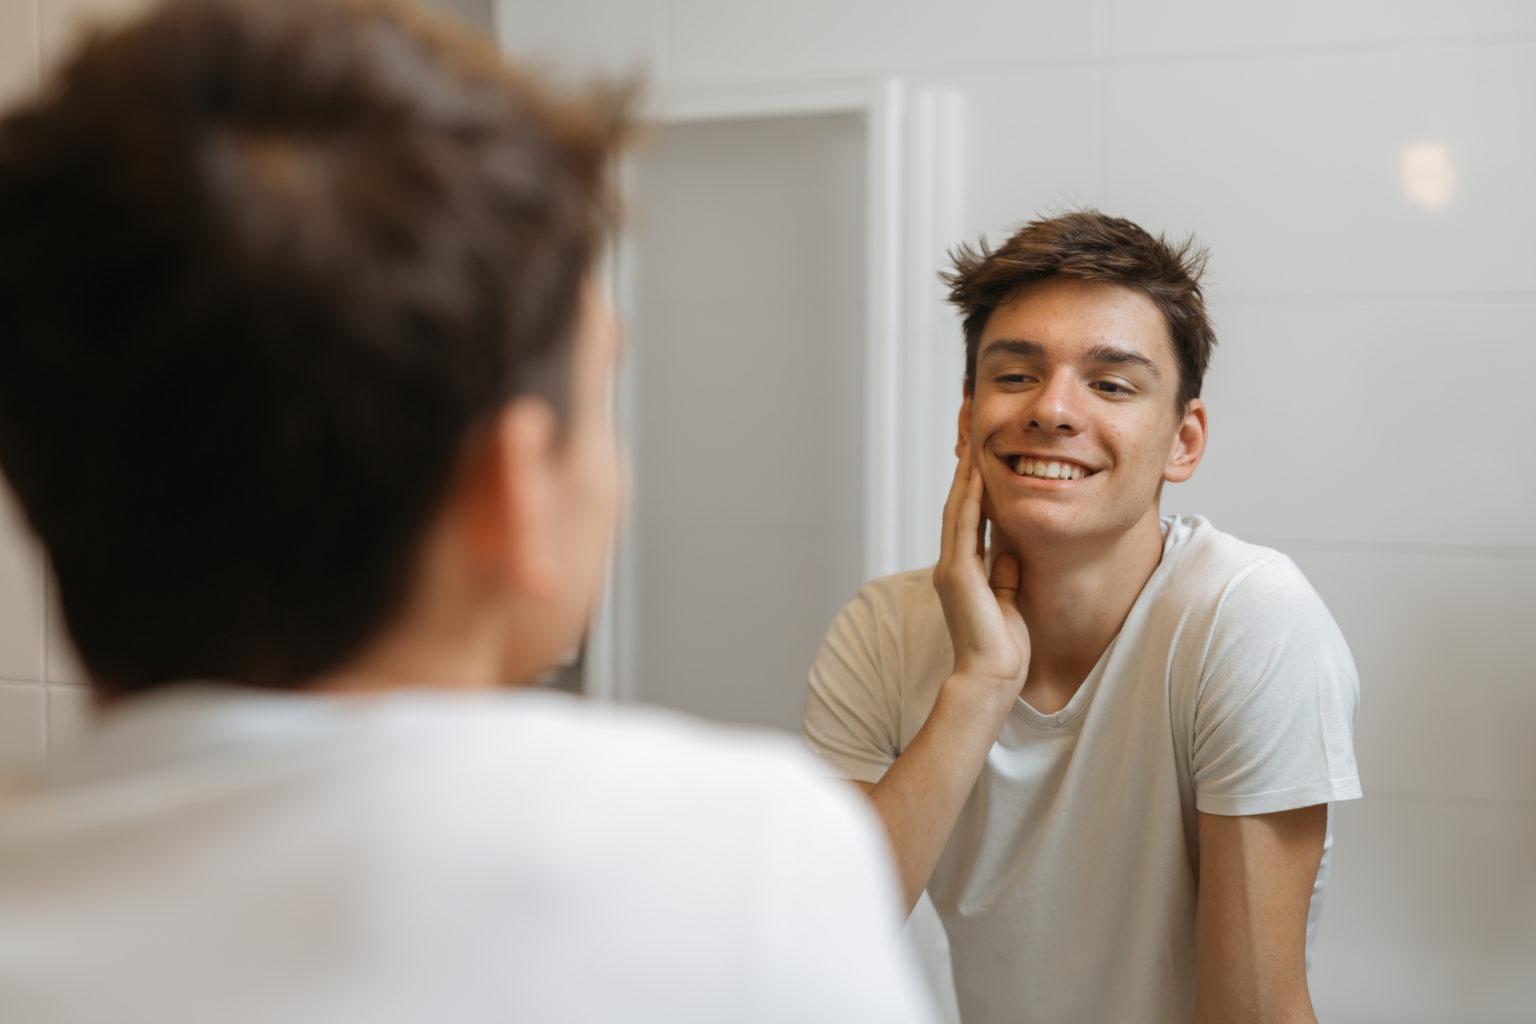 鏡で肌の状態をチェックする男性